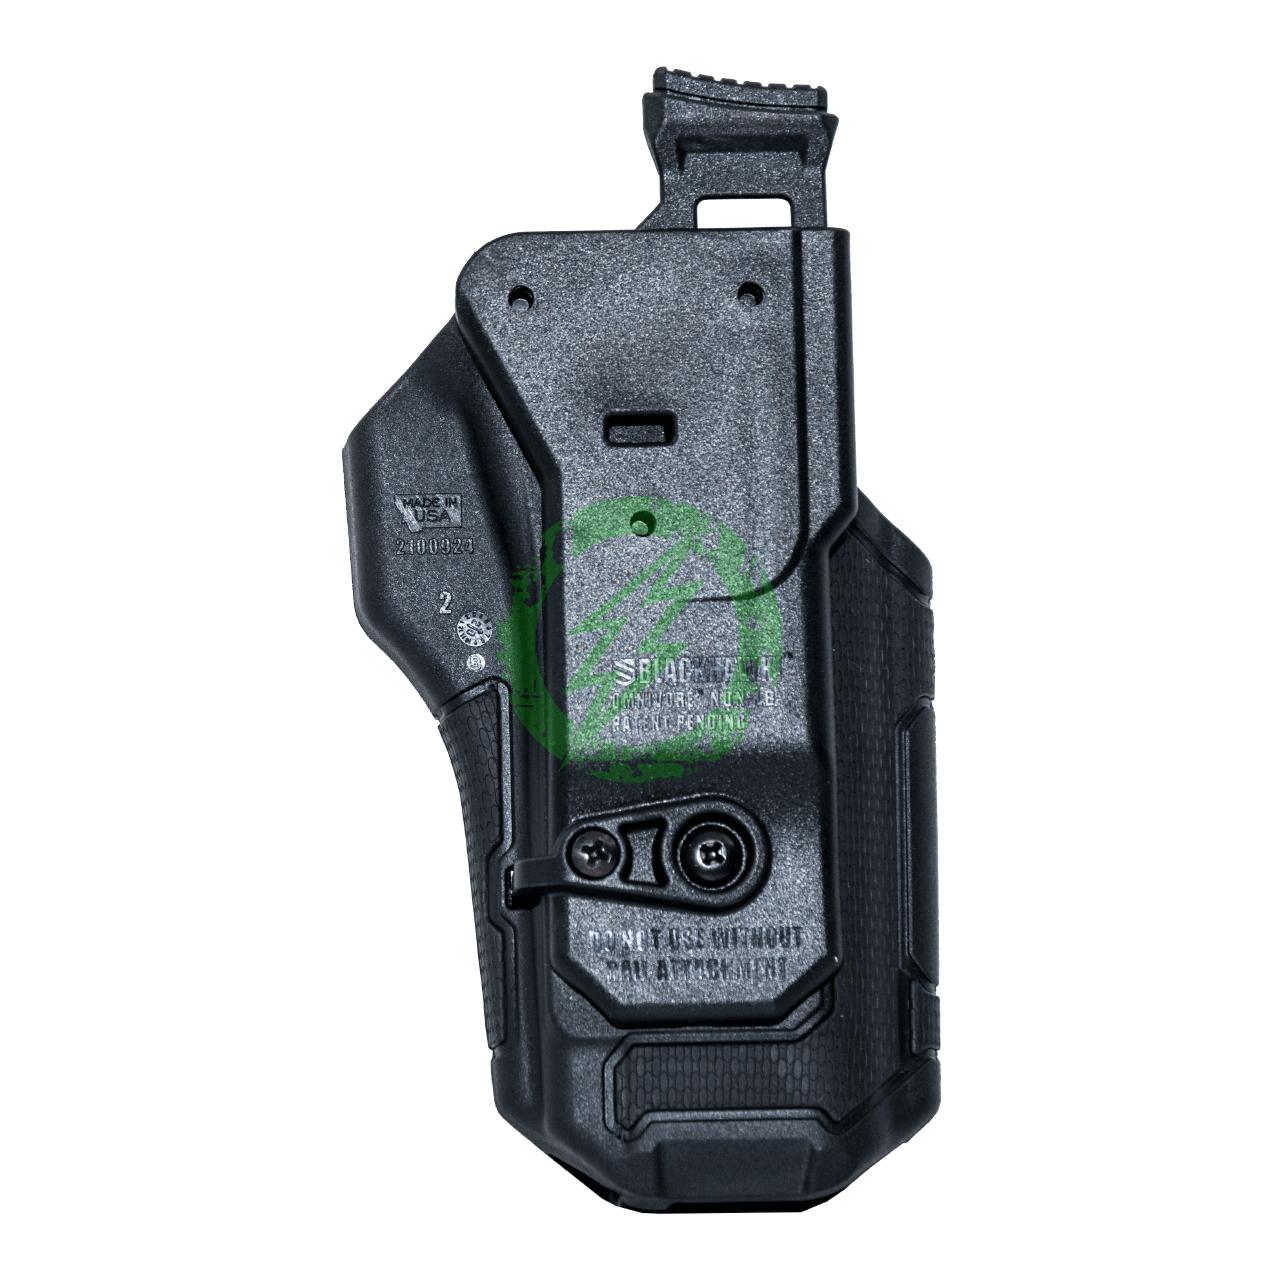 BlackHawk Omnivore Holster for Non-Light Pistols | Black | Left Handed back